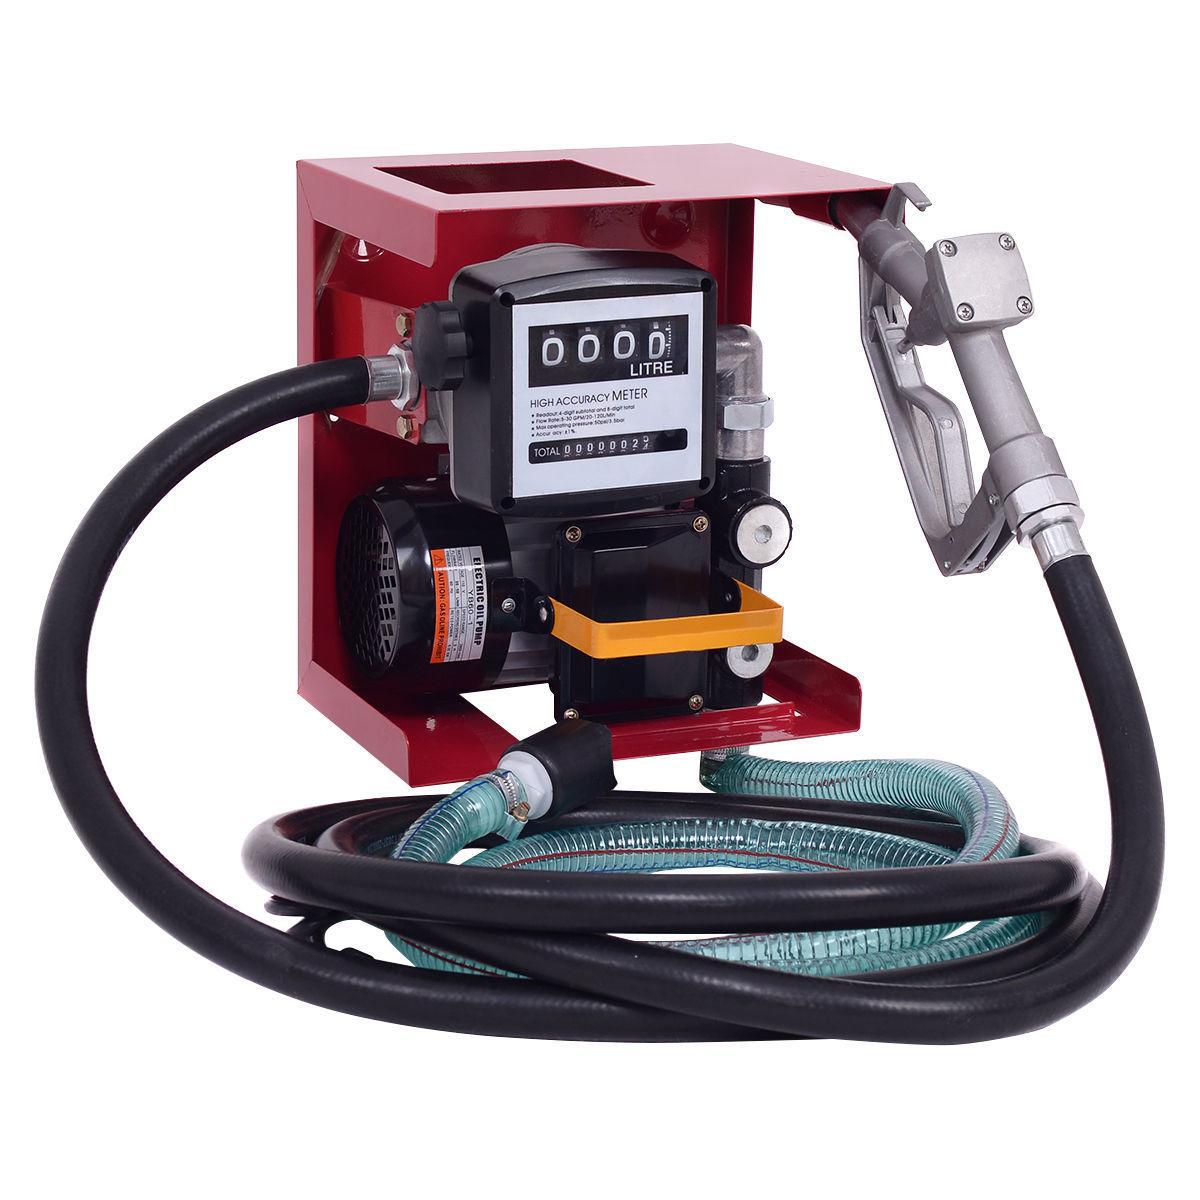 New 110v Fuel Transfer Pump W Meter Fp60 Uncle Wiener 39 S